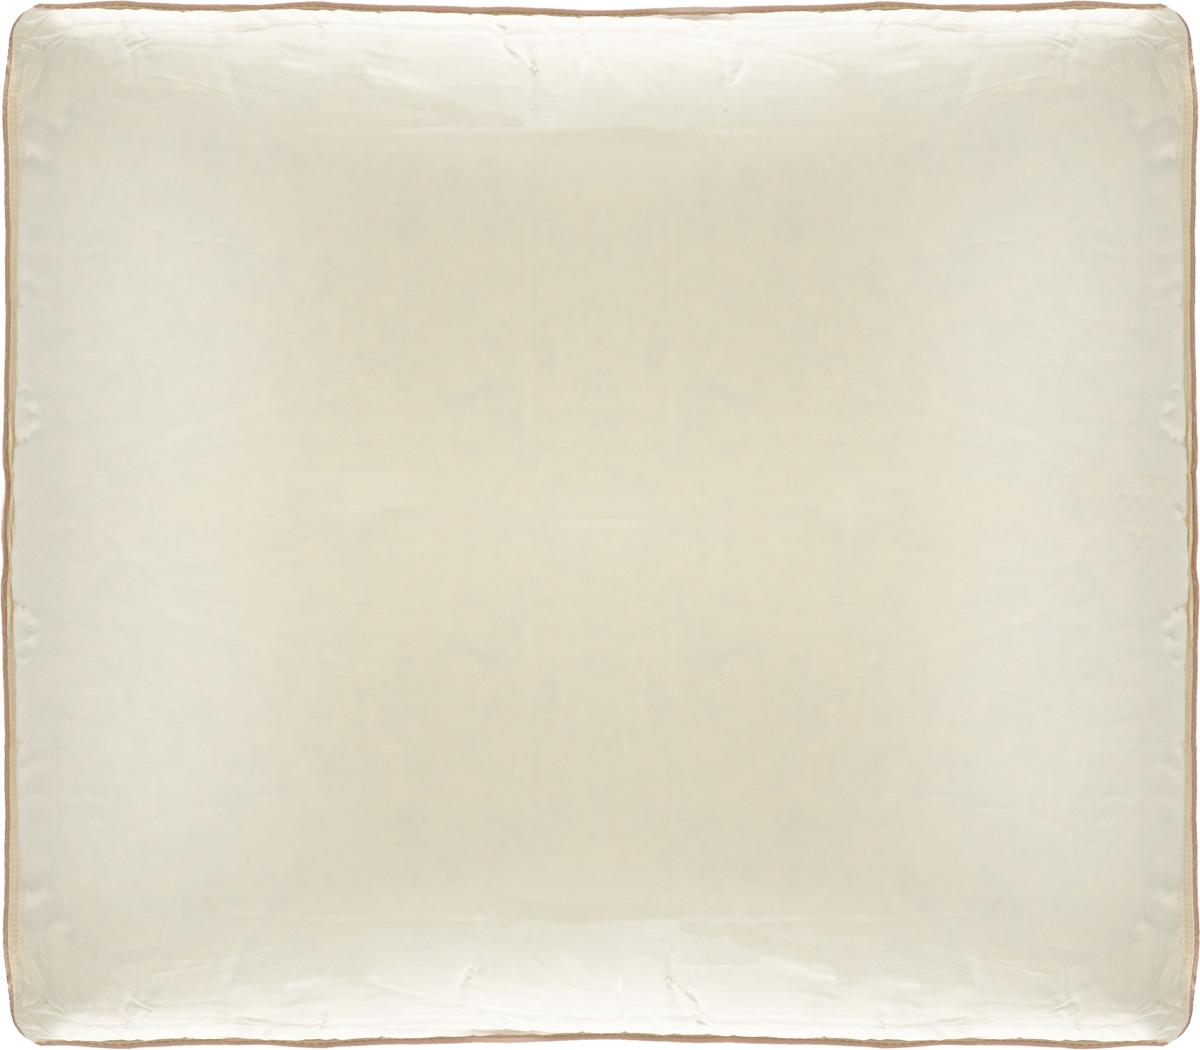 Подушка Легкие сны Sandman, наполнитель: гусиный пух категории Экстра, 68 x 68 см98299571Подушка Легкие сны Sandman поможет расслабиться, снимет усталость и подарит вам спокойный и здоровый сон. Наполнителем этой подушки является воздушный и легкий серый пух сибирского гуся категории Экстра. Чехол выполнен из батиста (100% хлопок). По краю подушки выполнена отделка кантом. Это отличный вариант для подарка себе и своим близким и любимым. Рекомендации по уходу:Деликатная стирка при температуре воды до 30°С.Отбеливание, барабанная сушка и глажка запрещены. Разрешается обычная химчистка.Степень поддержки: средняя.